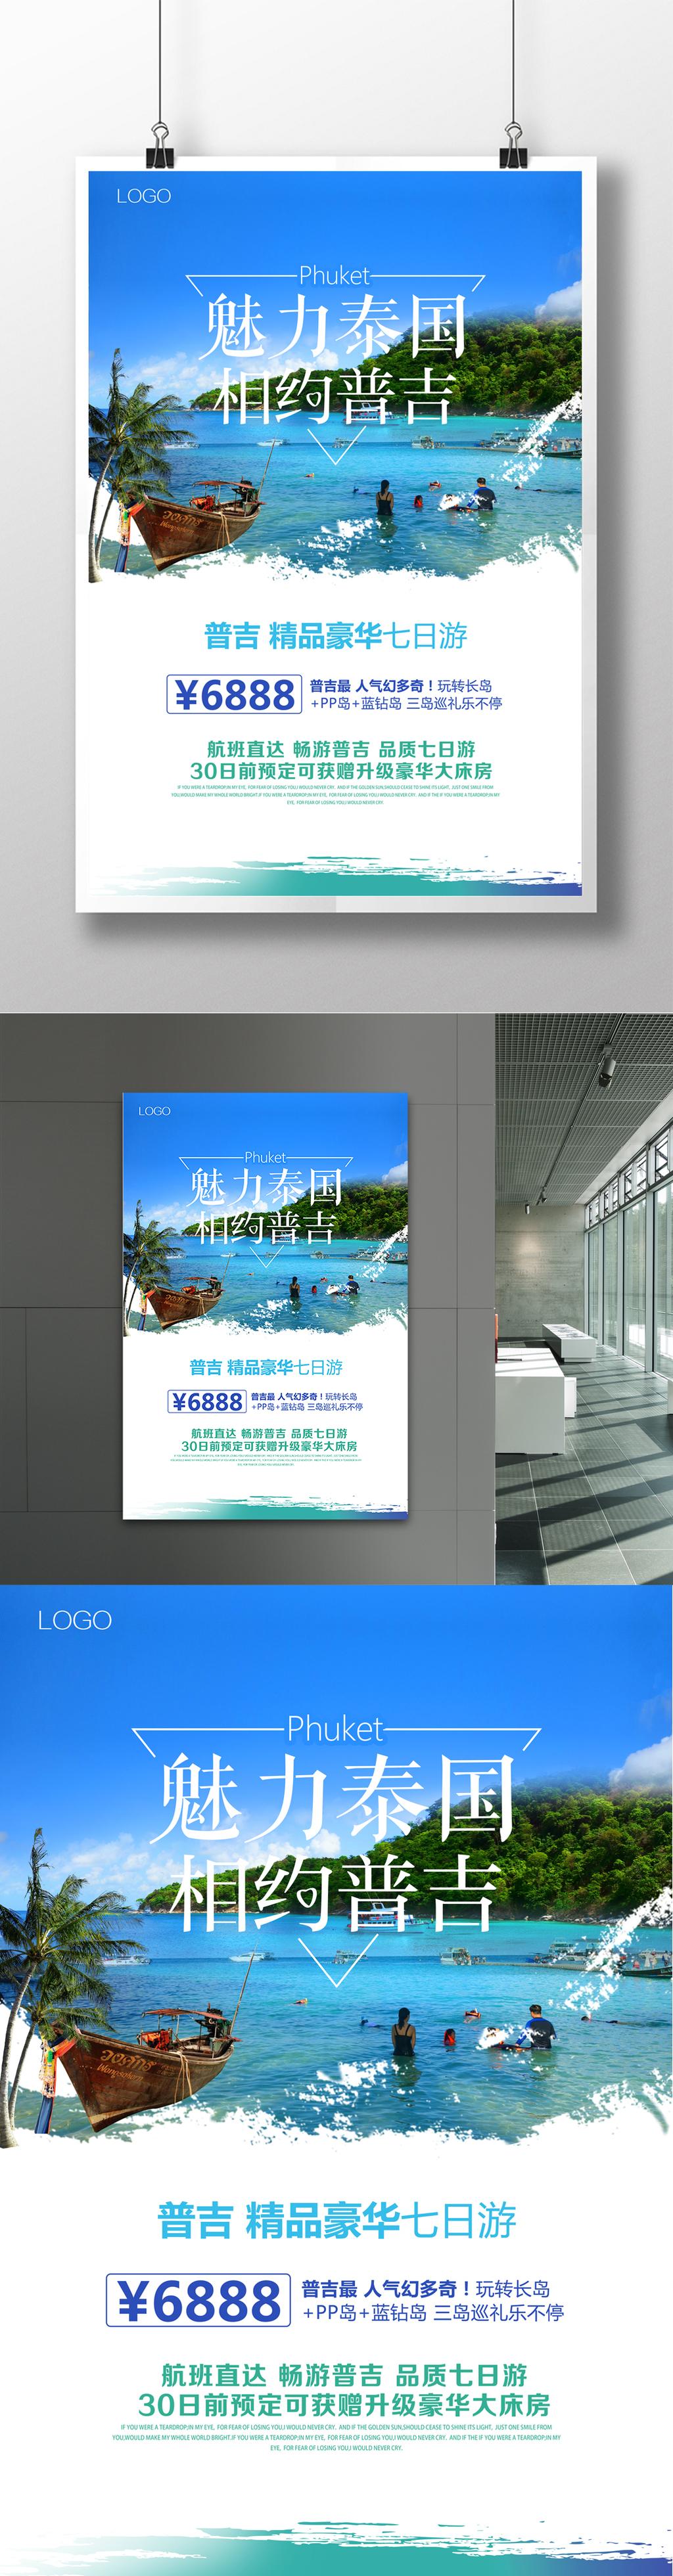 普吉岛旅游海报广告模版